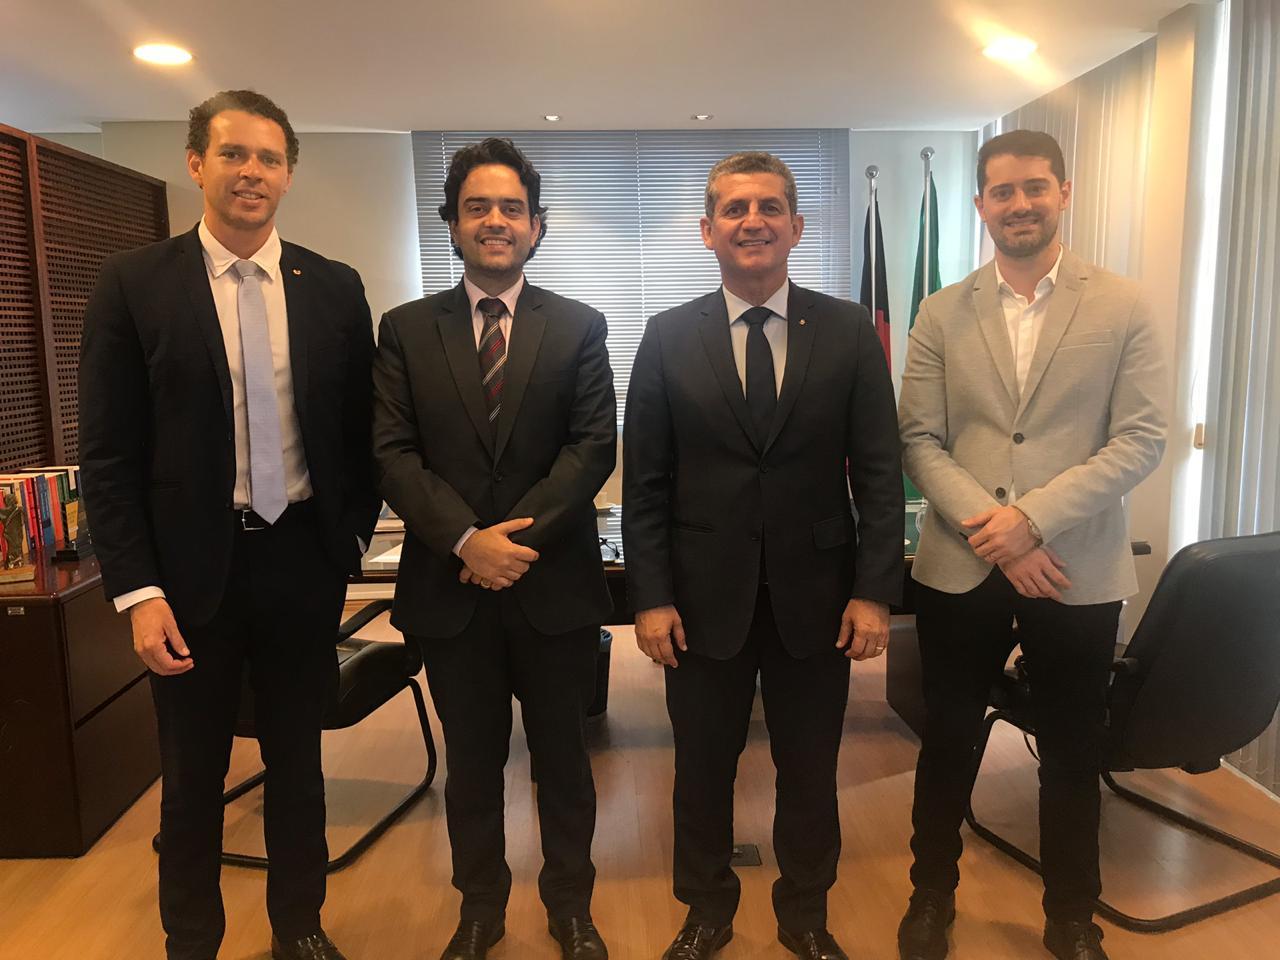 SINDIFIM e APJP realizarão II Congresso Regional de Direito Municipal; participe